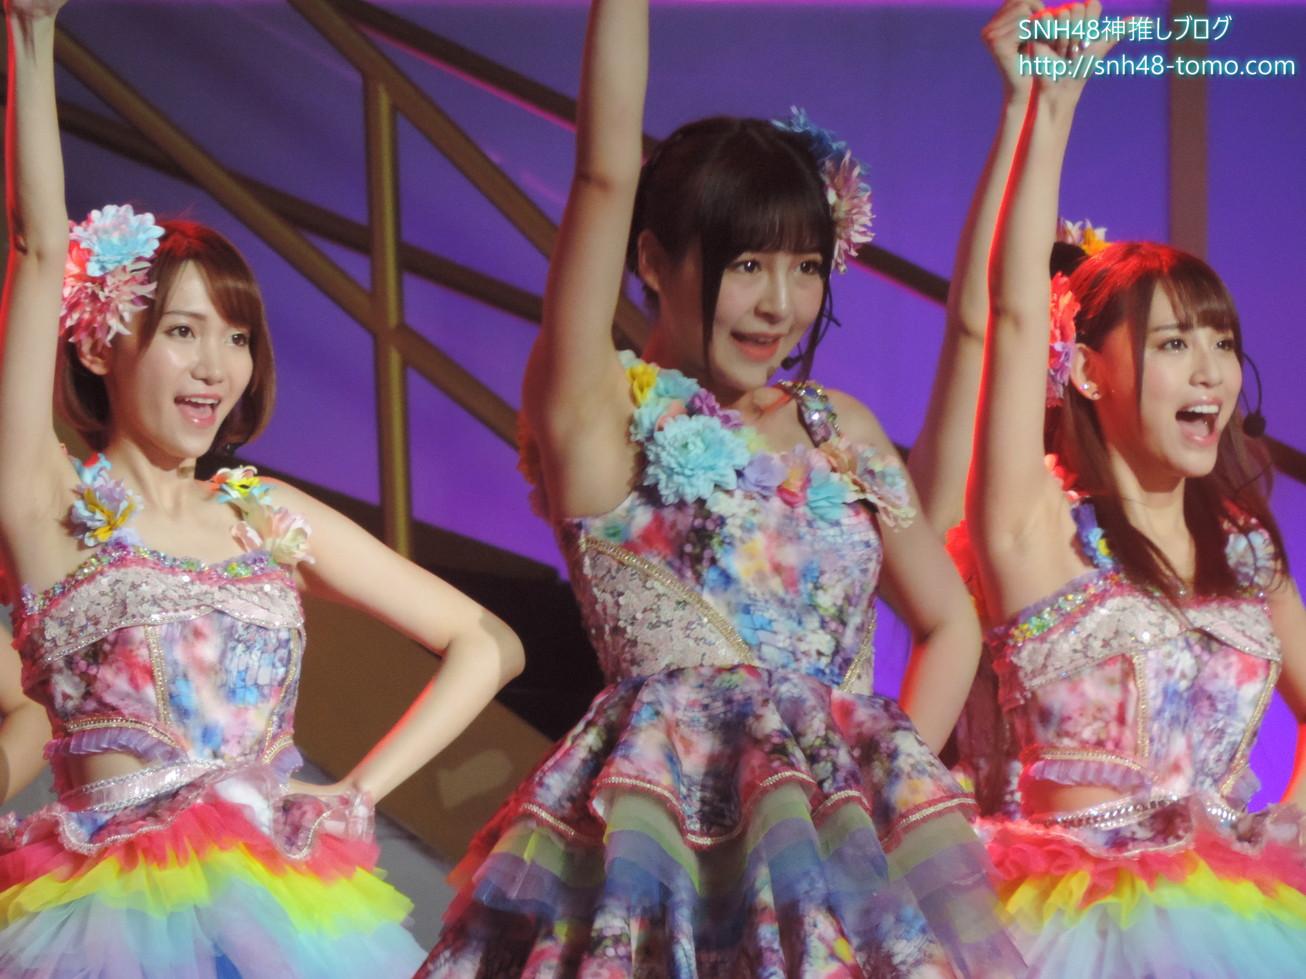 【画像大量】SNH48第二回選抜総選挙レポート:コンサート編(その2 真夏のSounds Goodなど)